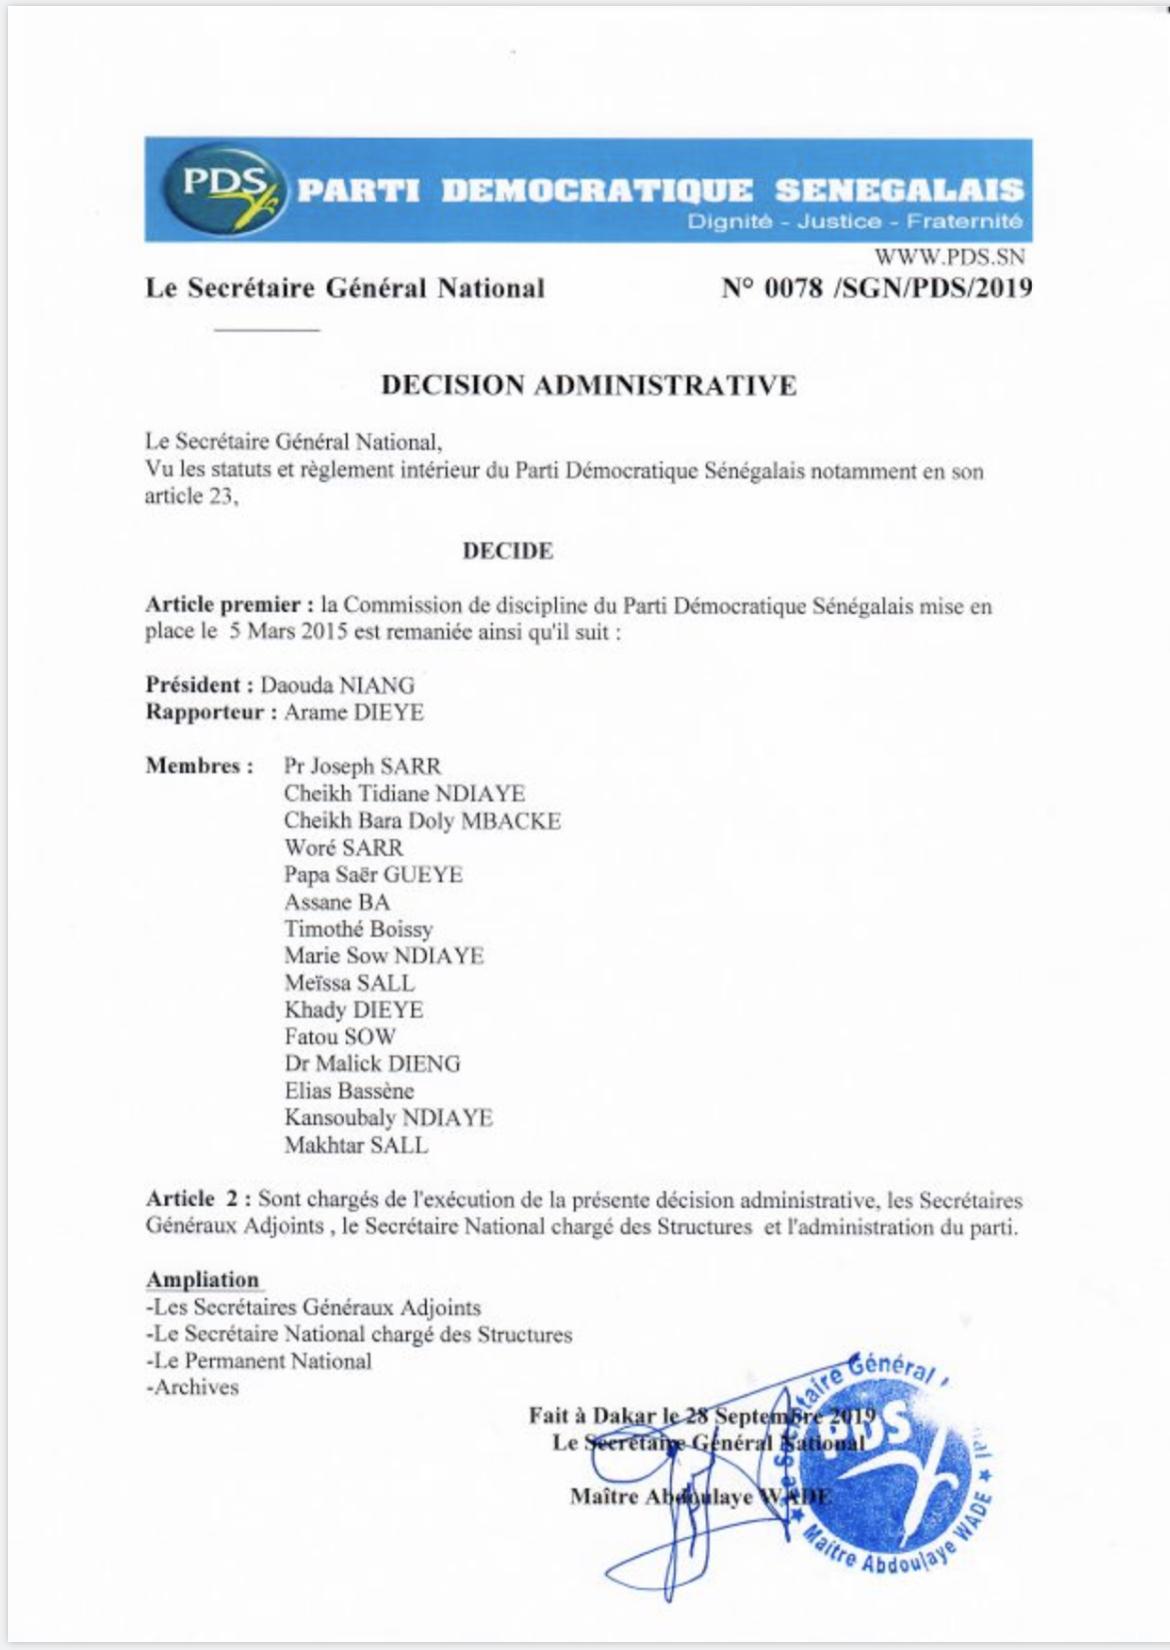 PDS : Wade dissout le conseil de discipline et nomme de nouveaux membres. (DOCUMENT)